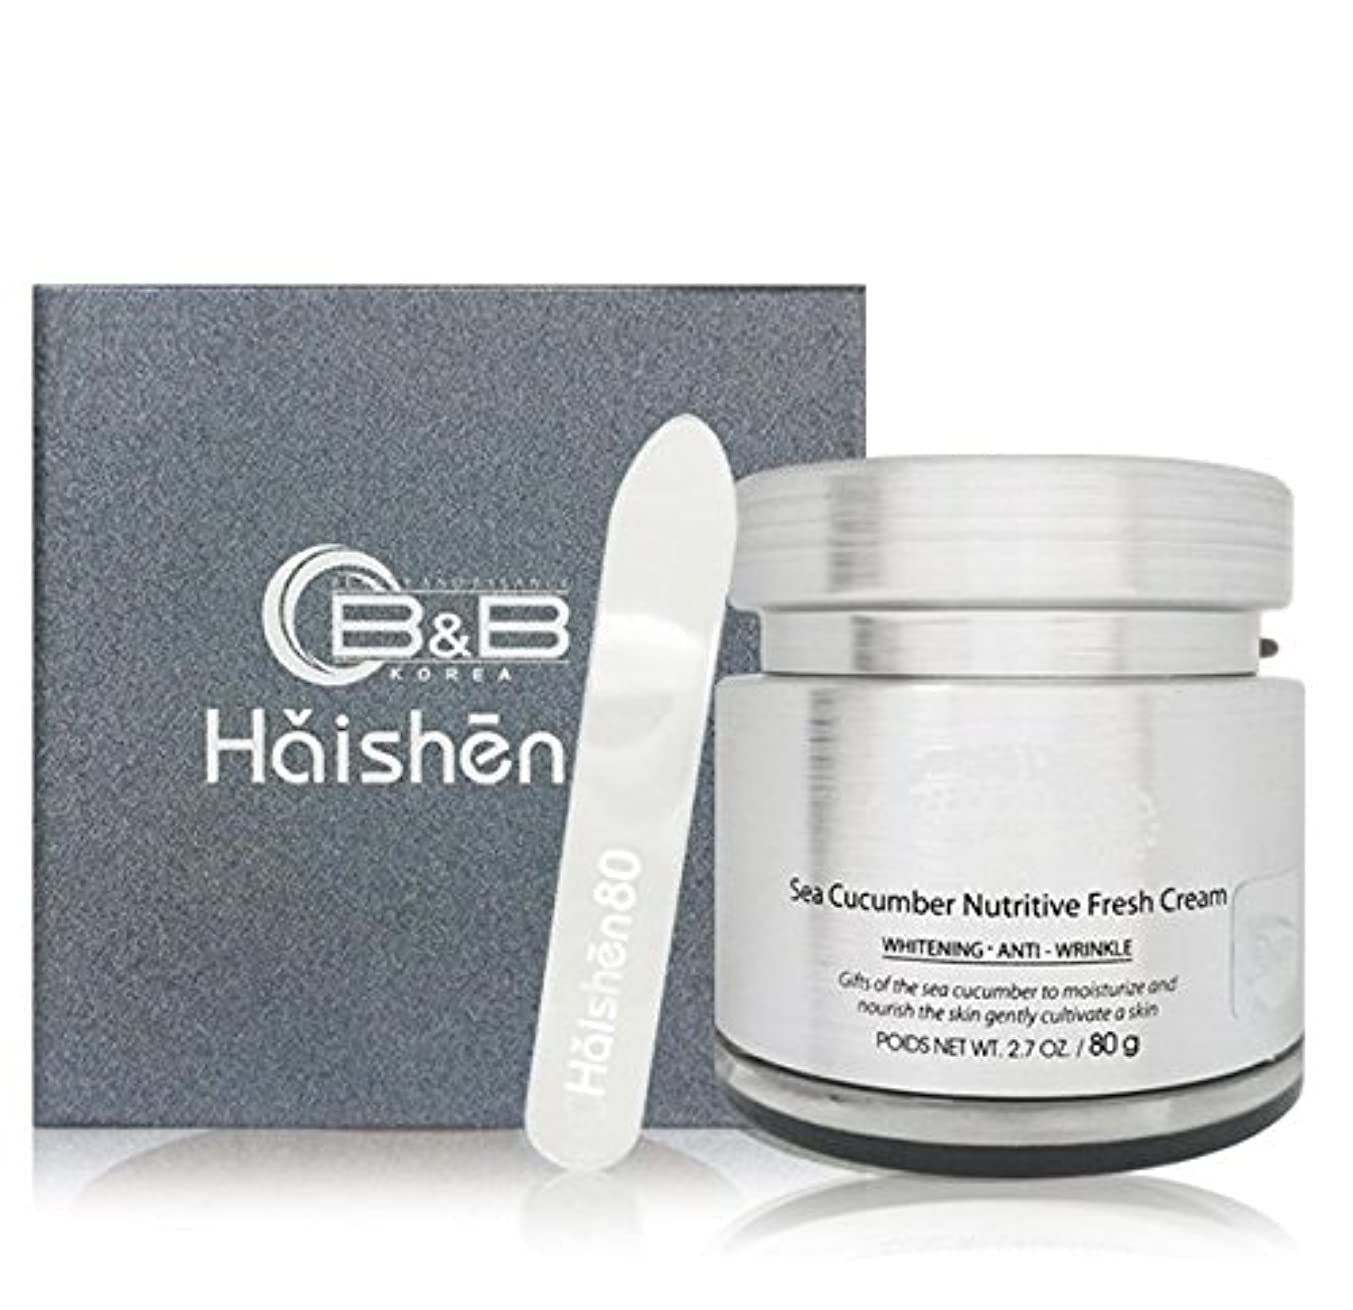 マングル正確ななんとなく[訳有り?OUTLET]Haishen80 Sea cucumber Nutritious Fresh Cream 80g ハイサン 80 シーキューカンバーニュトゥリチブフレッシュクリーム 80g